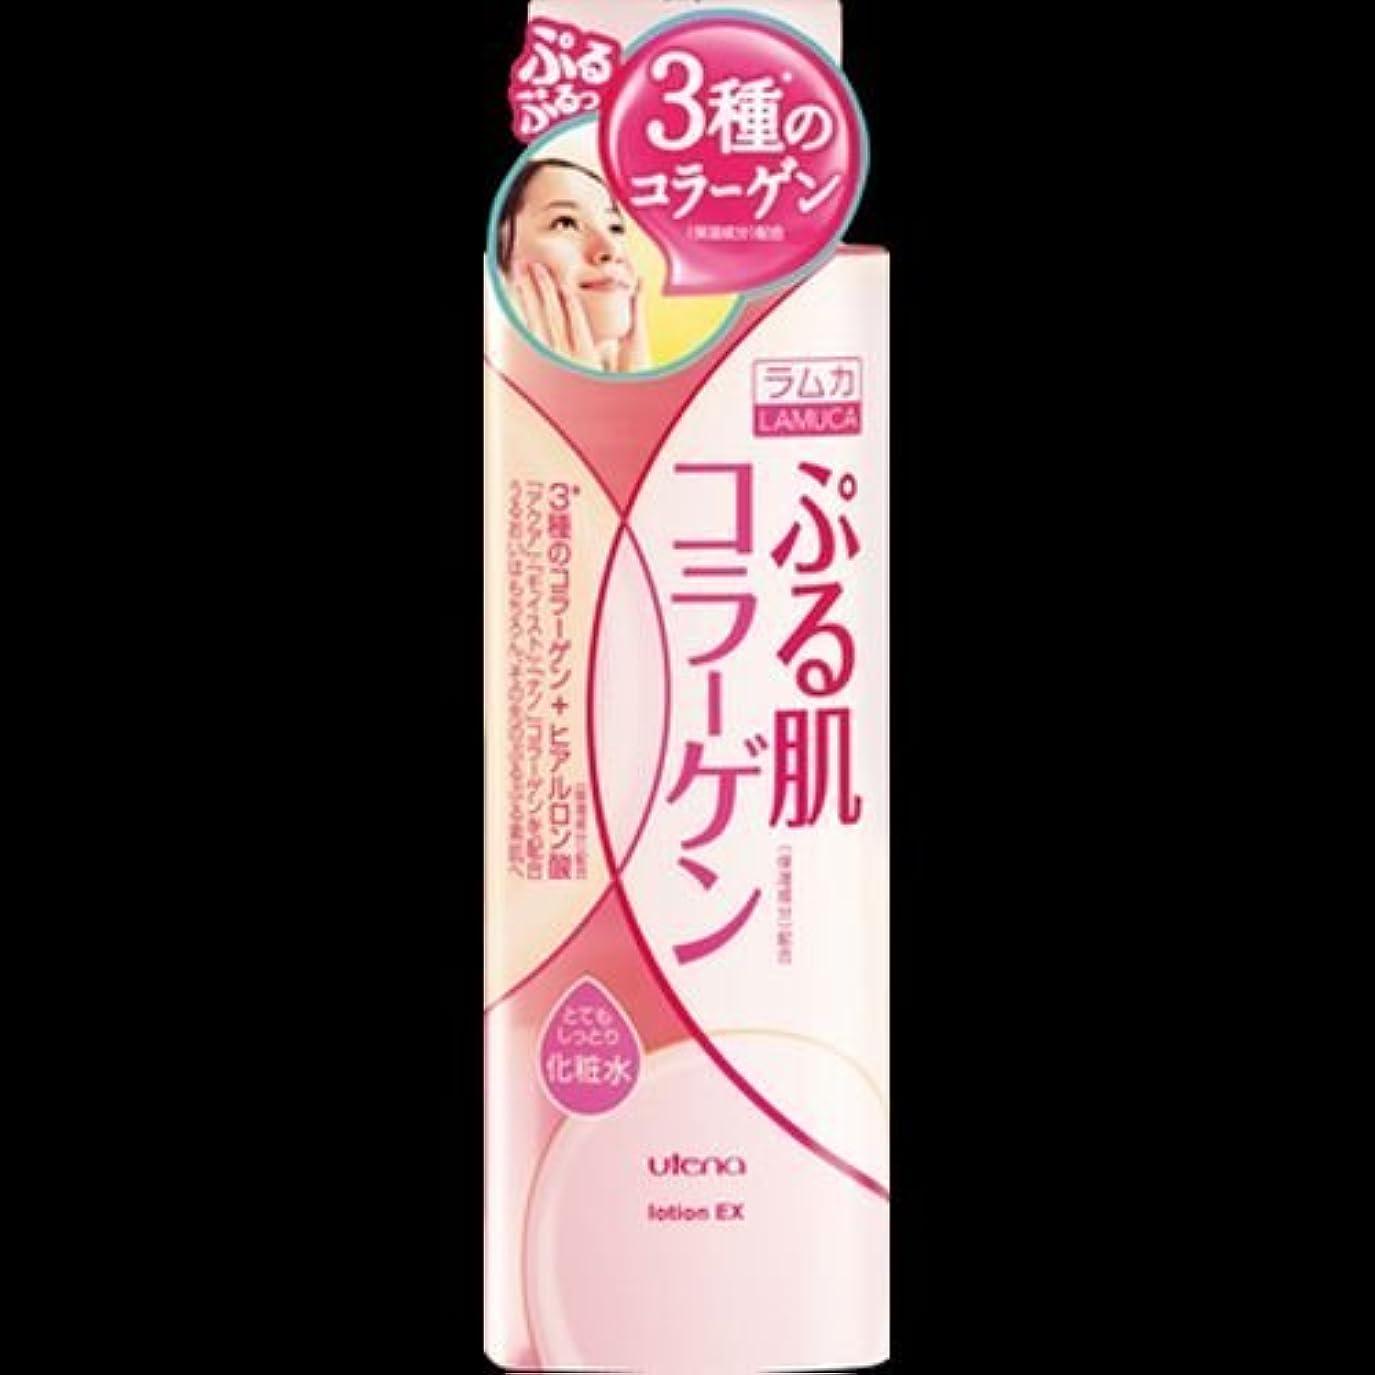 階段ビートビュッフェ【まとめ買い】ラムカぷる肌化粧水とてもしっとり ×2セット